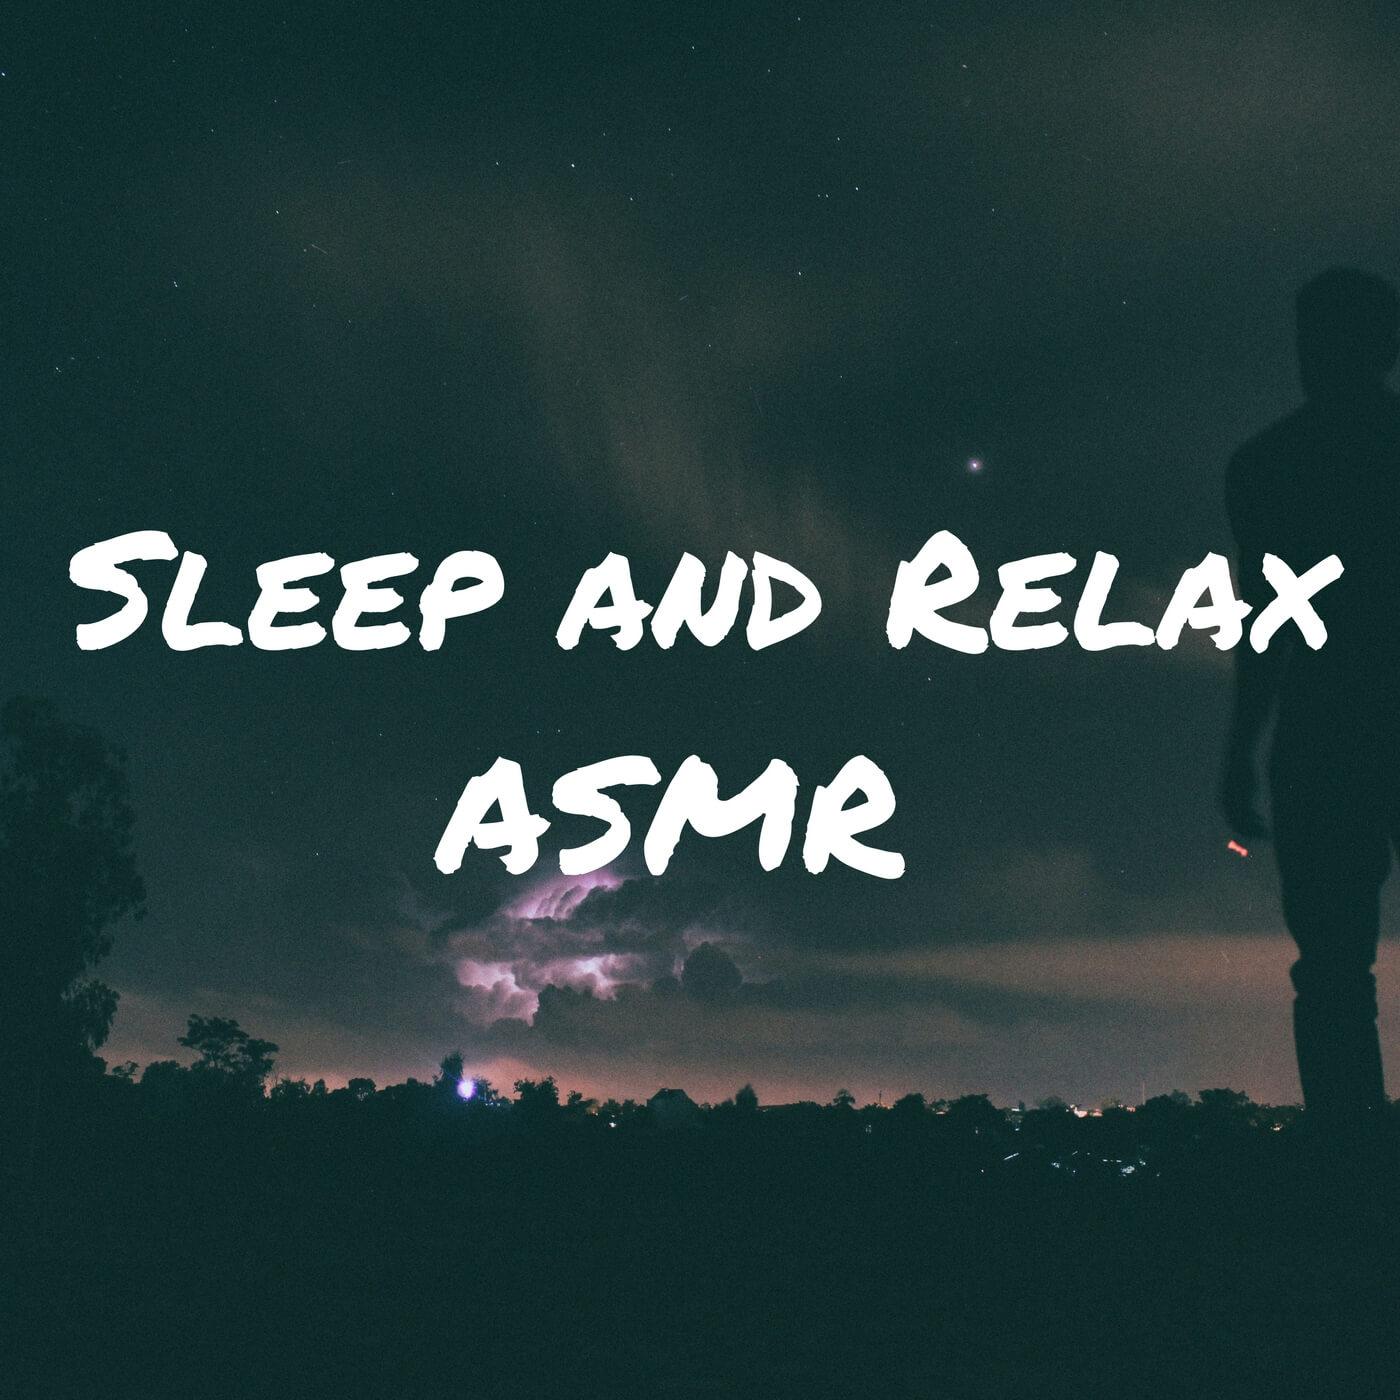 Sleep and Relax ASMR show art